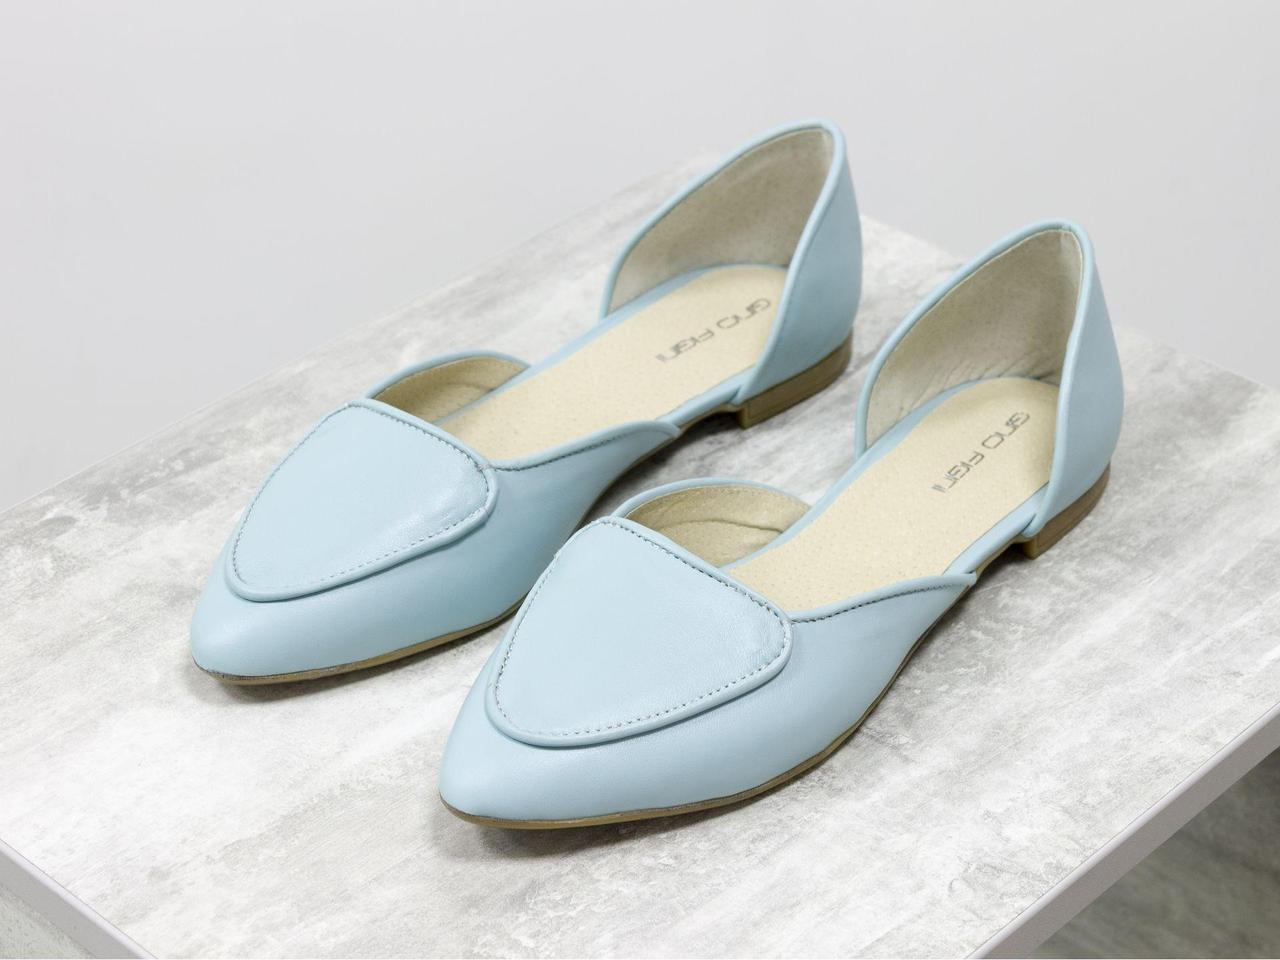 Облегченные туфли-лодочки с удлиненным носиком на низком ходу нежного светло-голубого цвета кожи